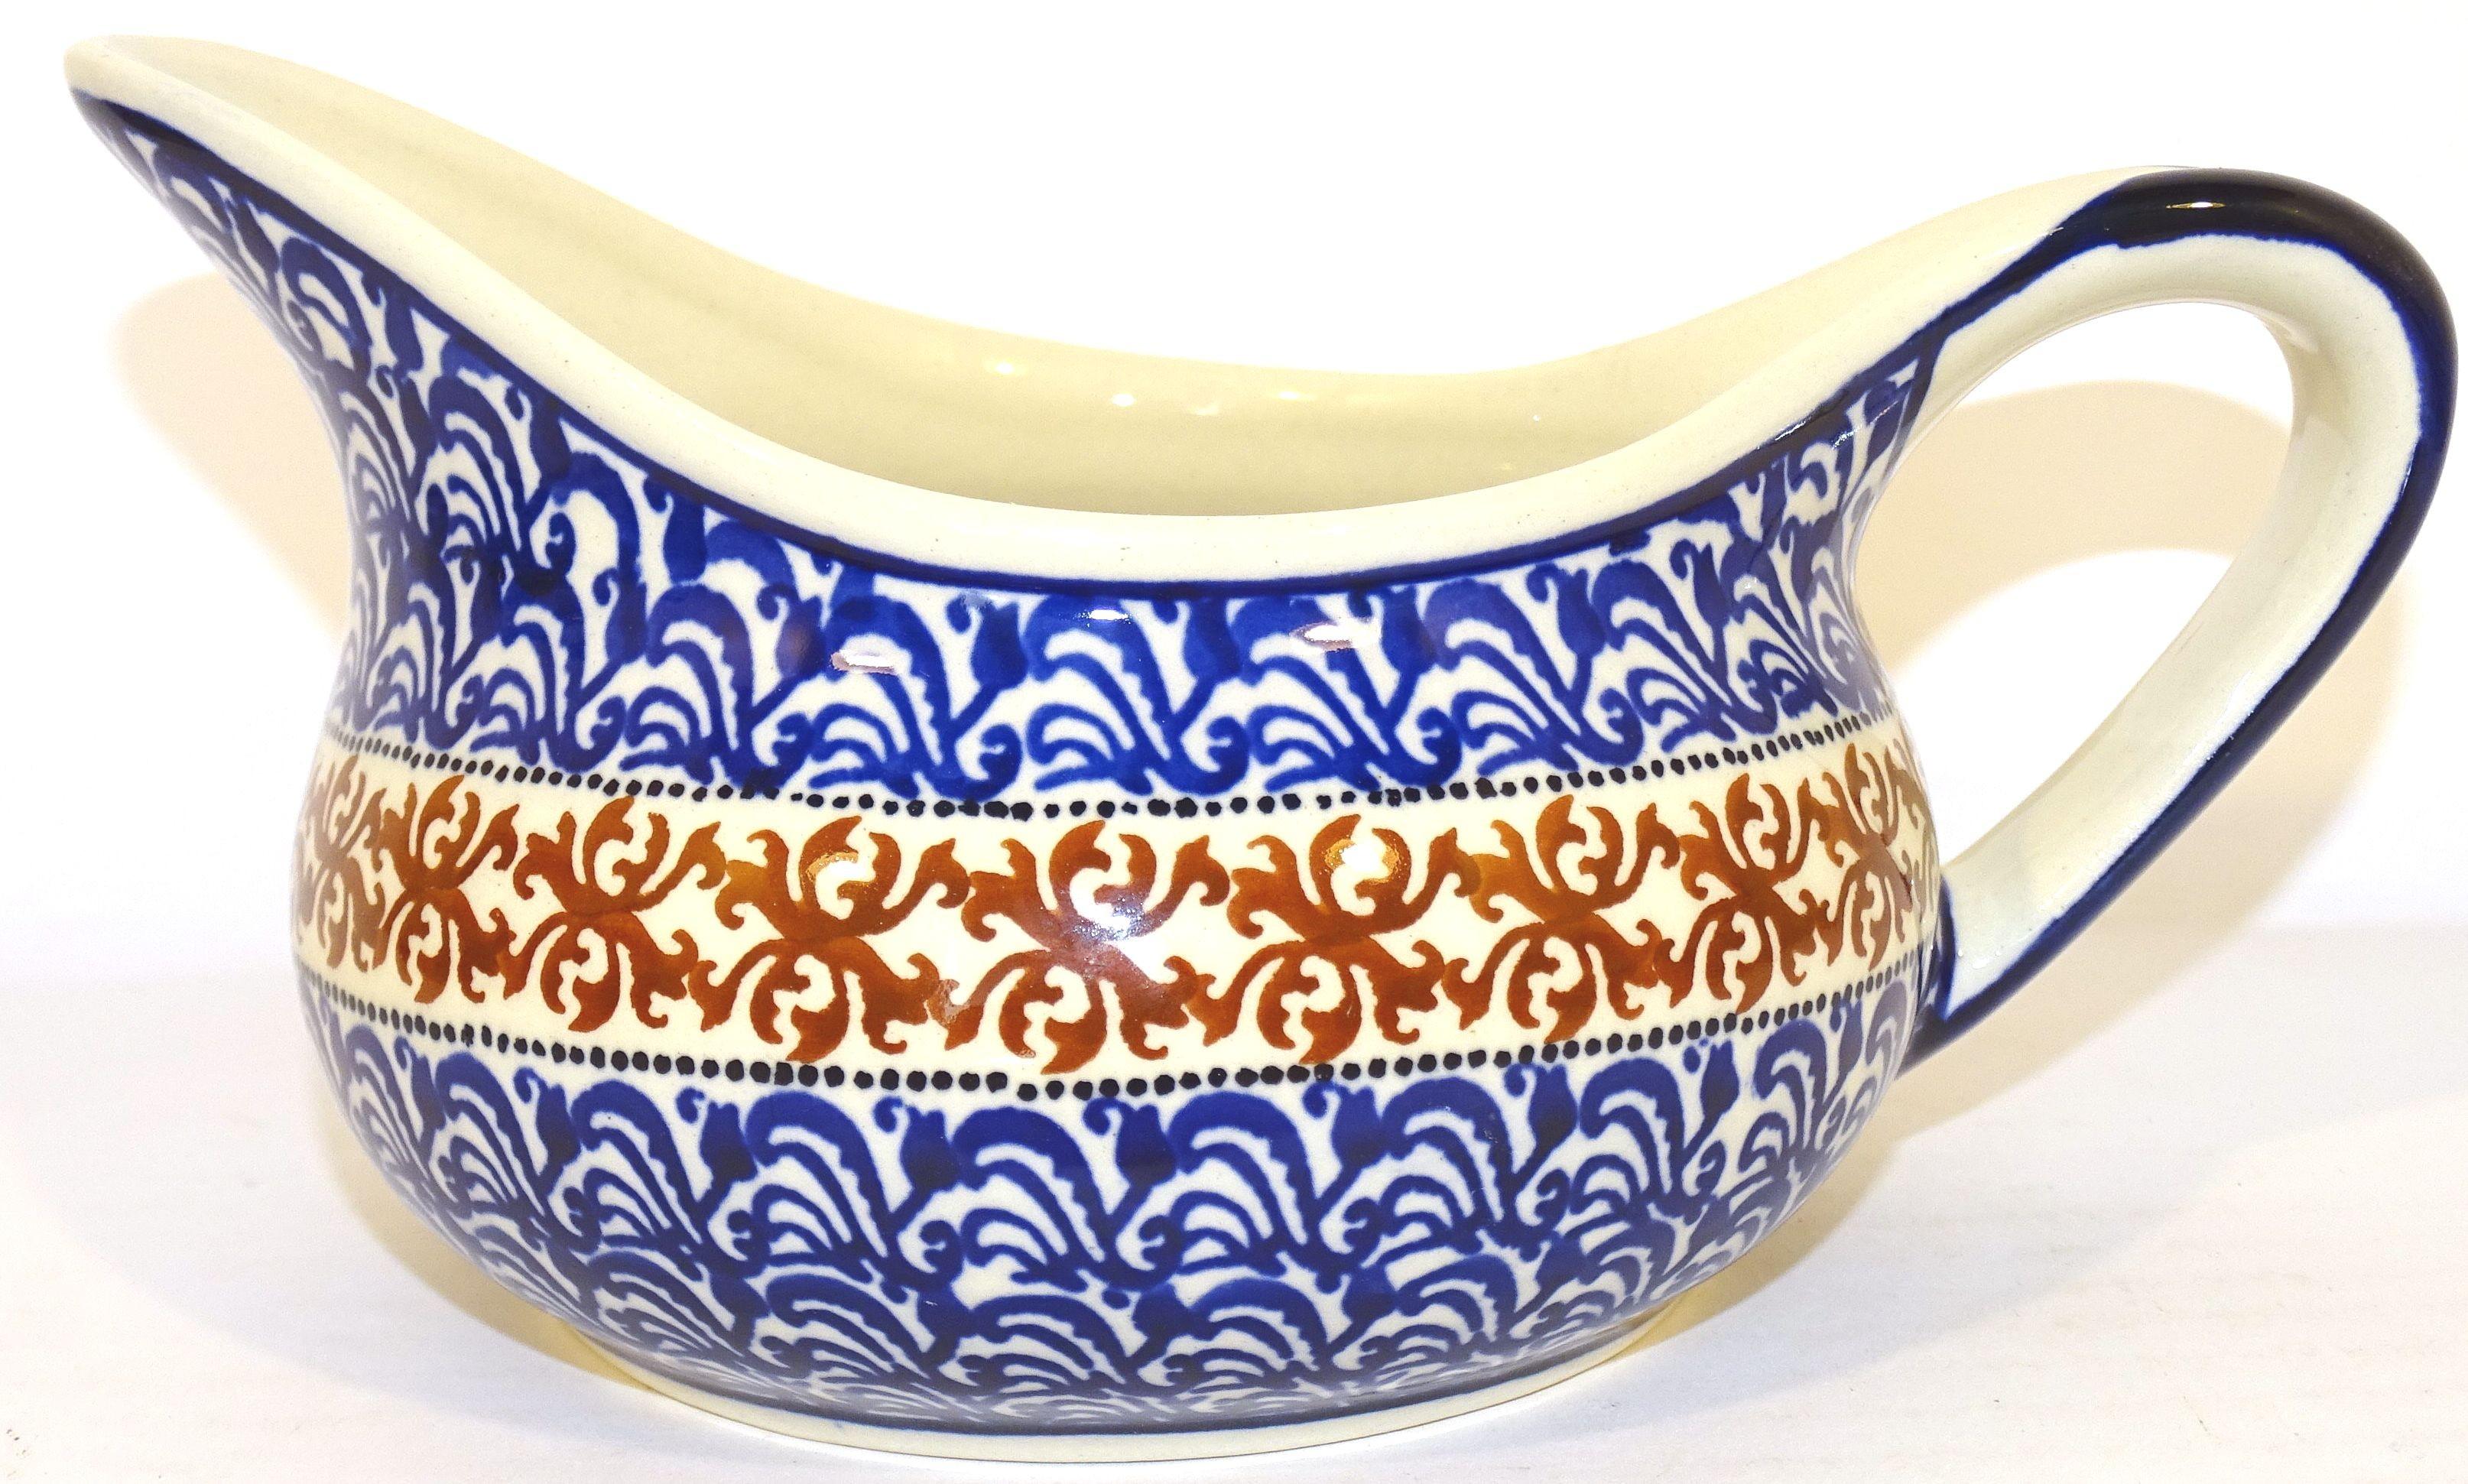 Pottery Avenue Cuba 2cp Stoneware Gravy Boat - 1003/1117 Cuba